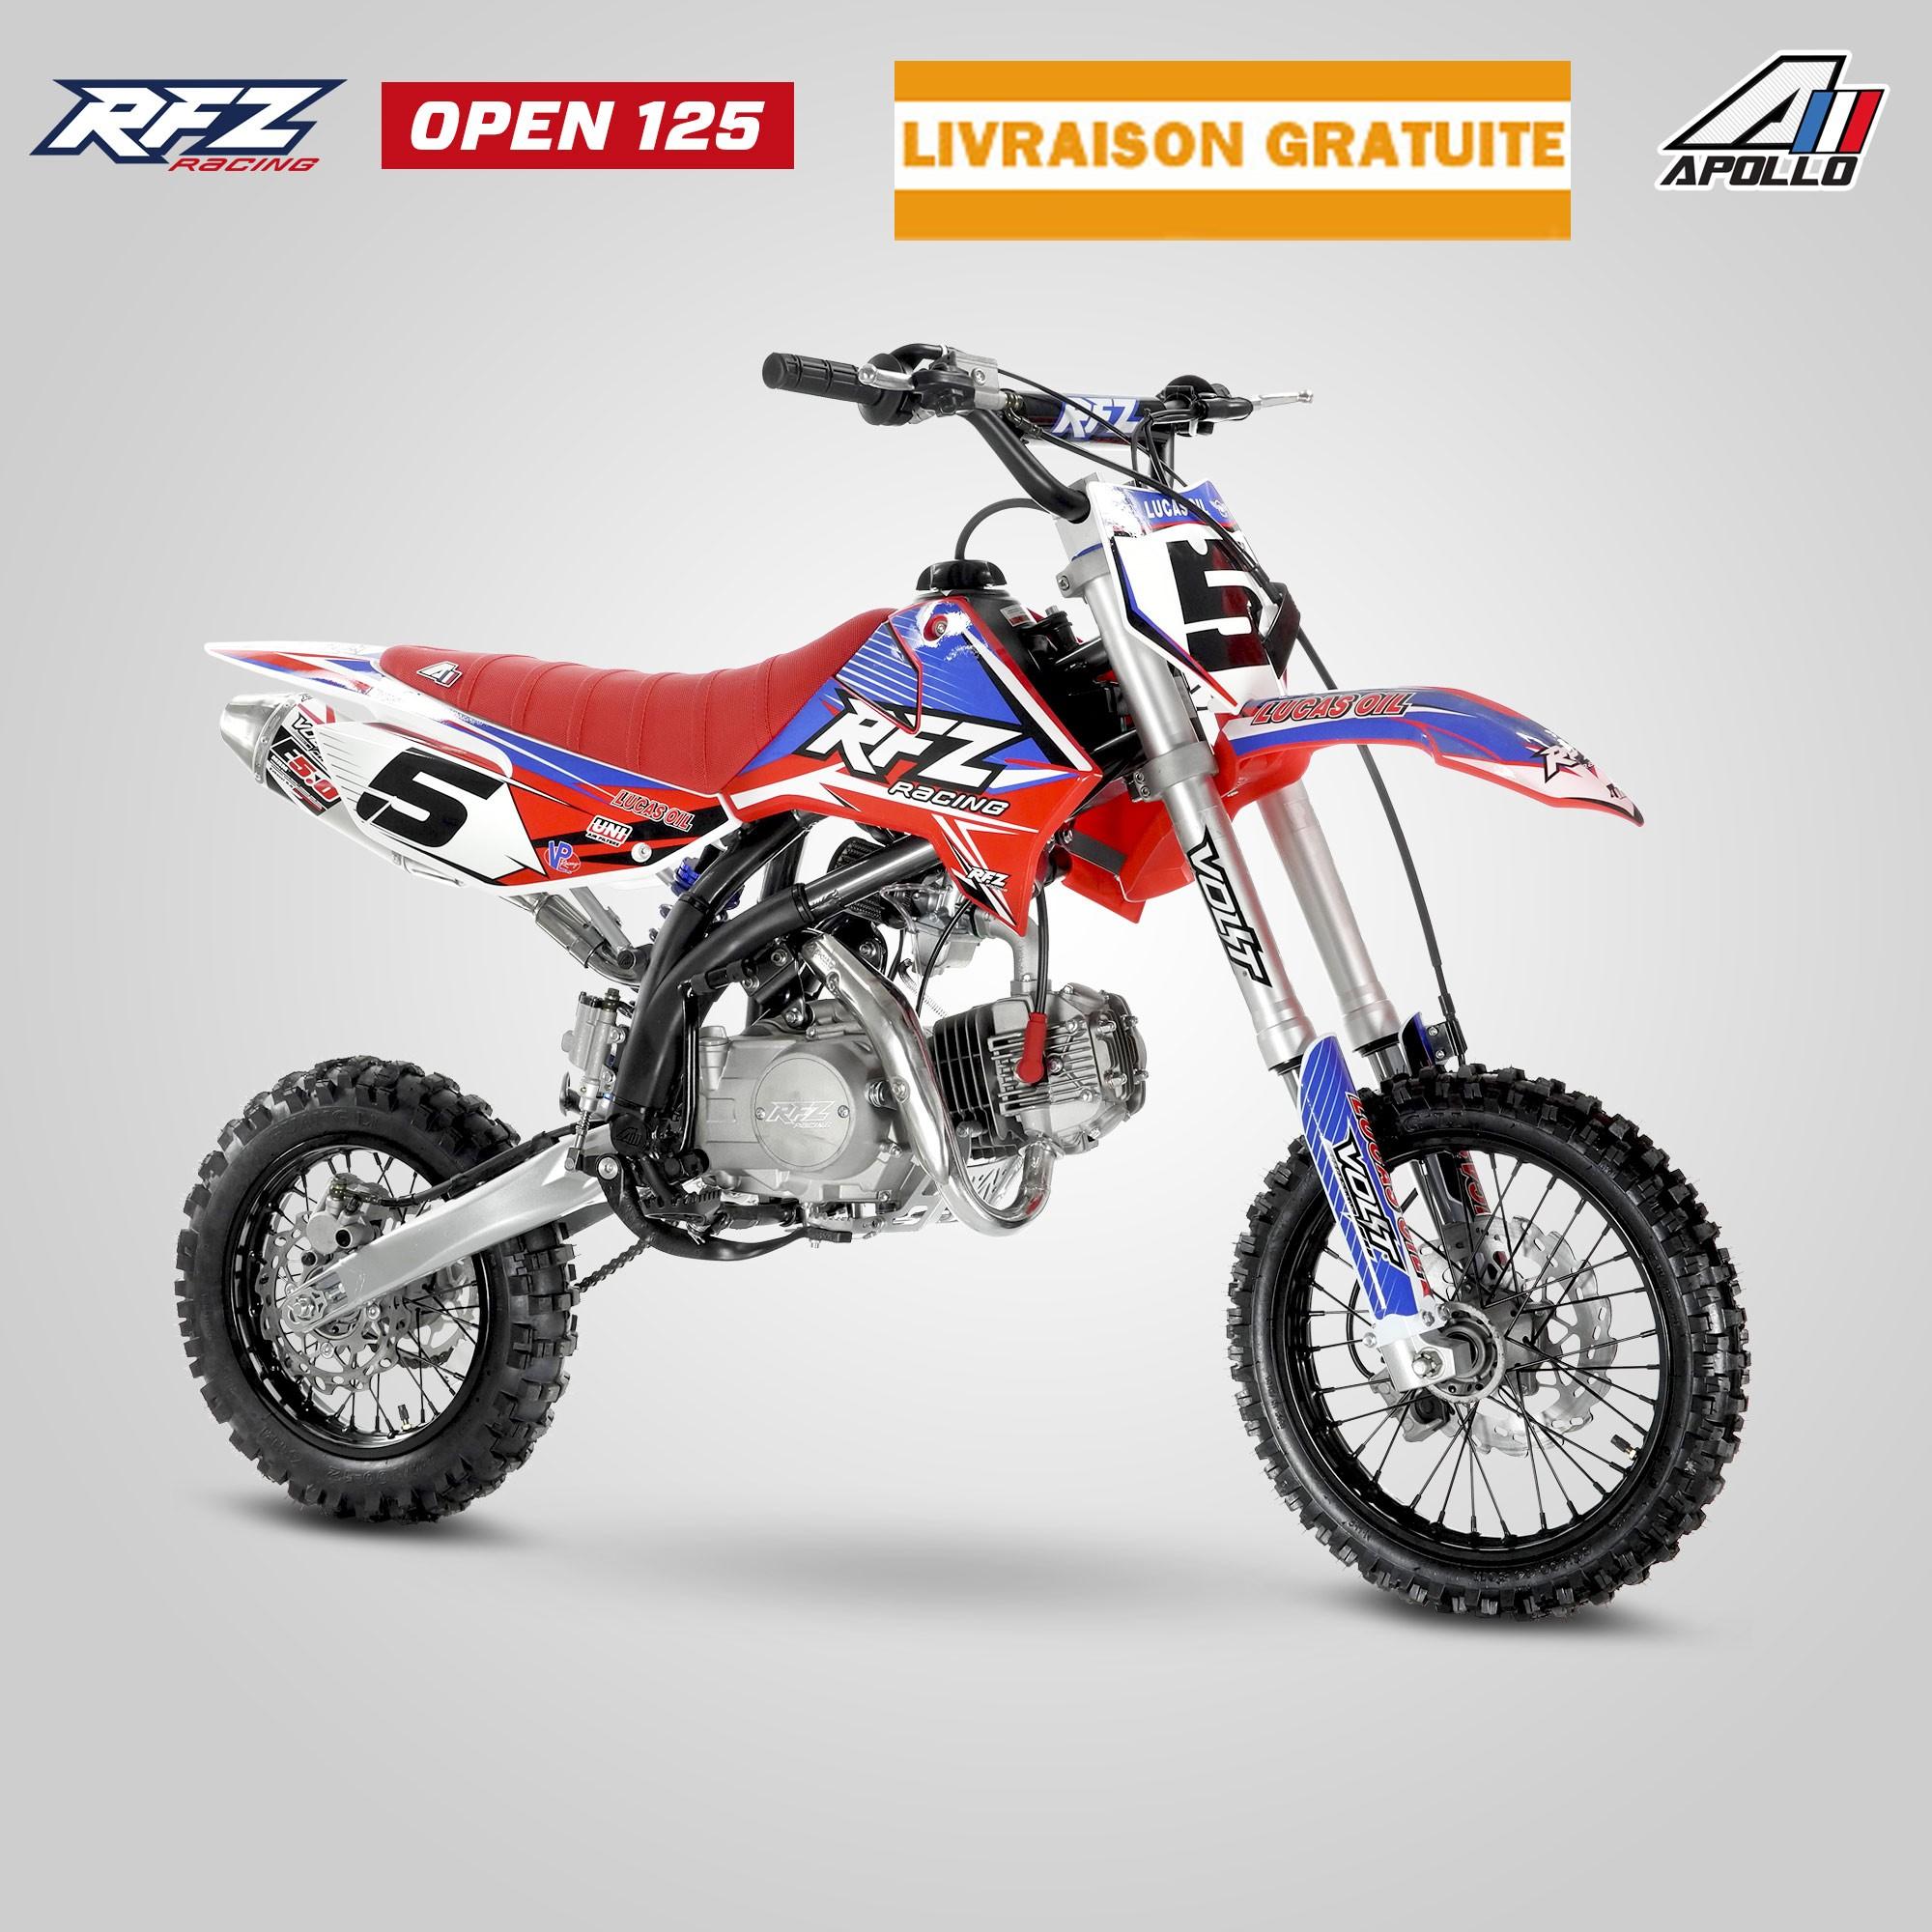 Dirt Bike Apollo Rfz Open 125cc Le Dirt Pour Les Inities